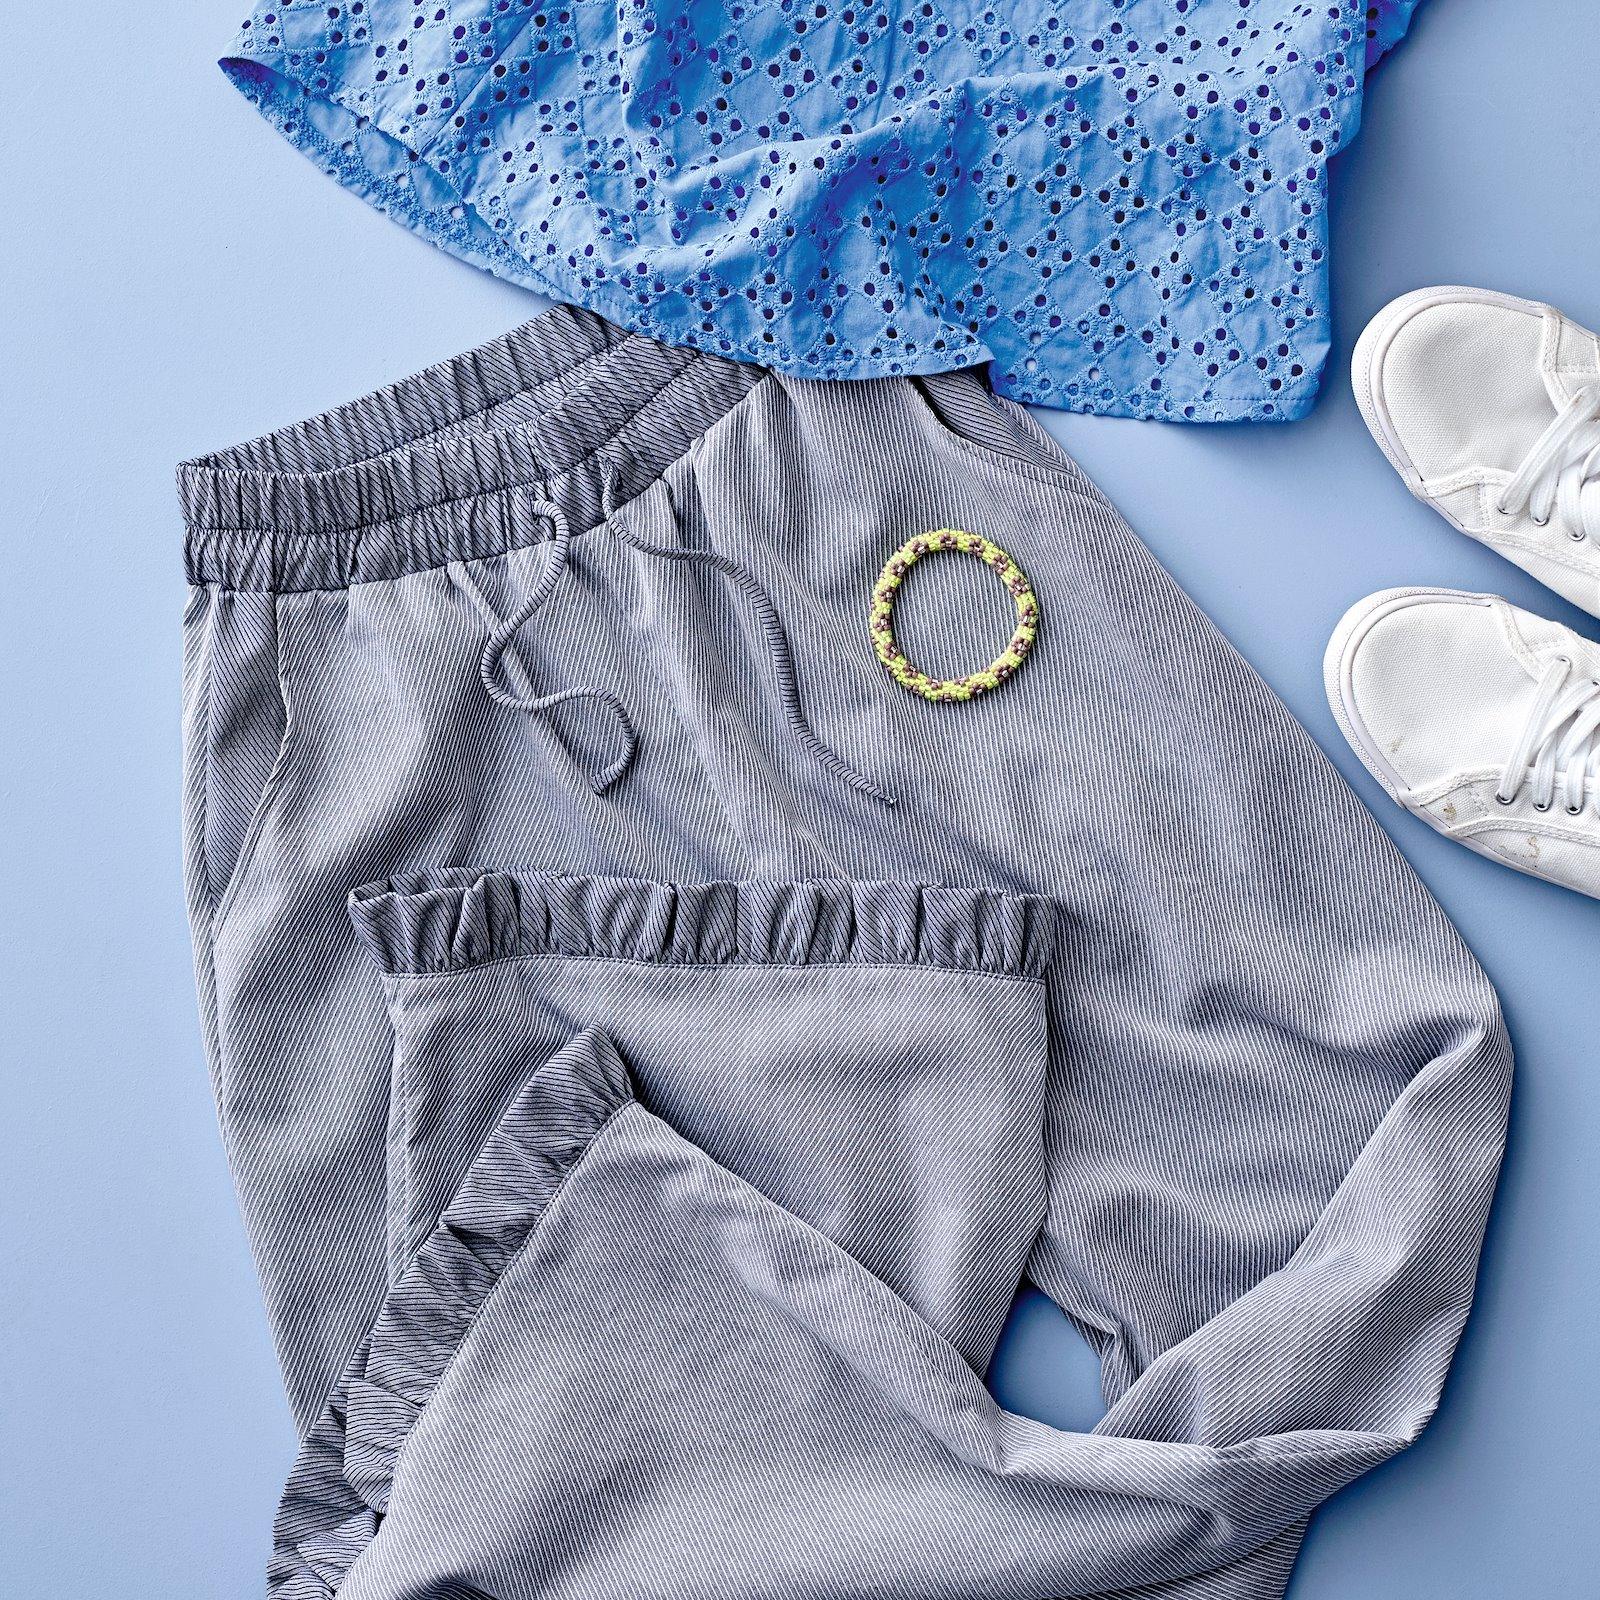 Short sleeved blouse, 42/14 p20051_501860_p22065_550104_bundle